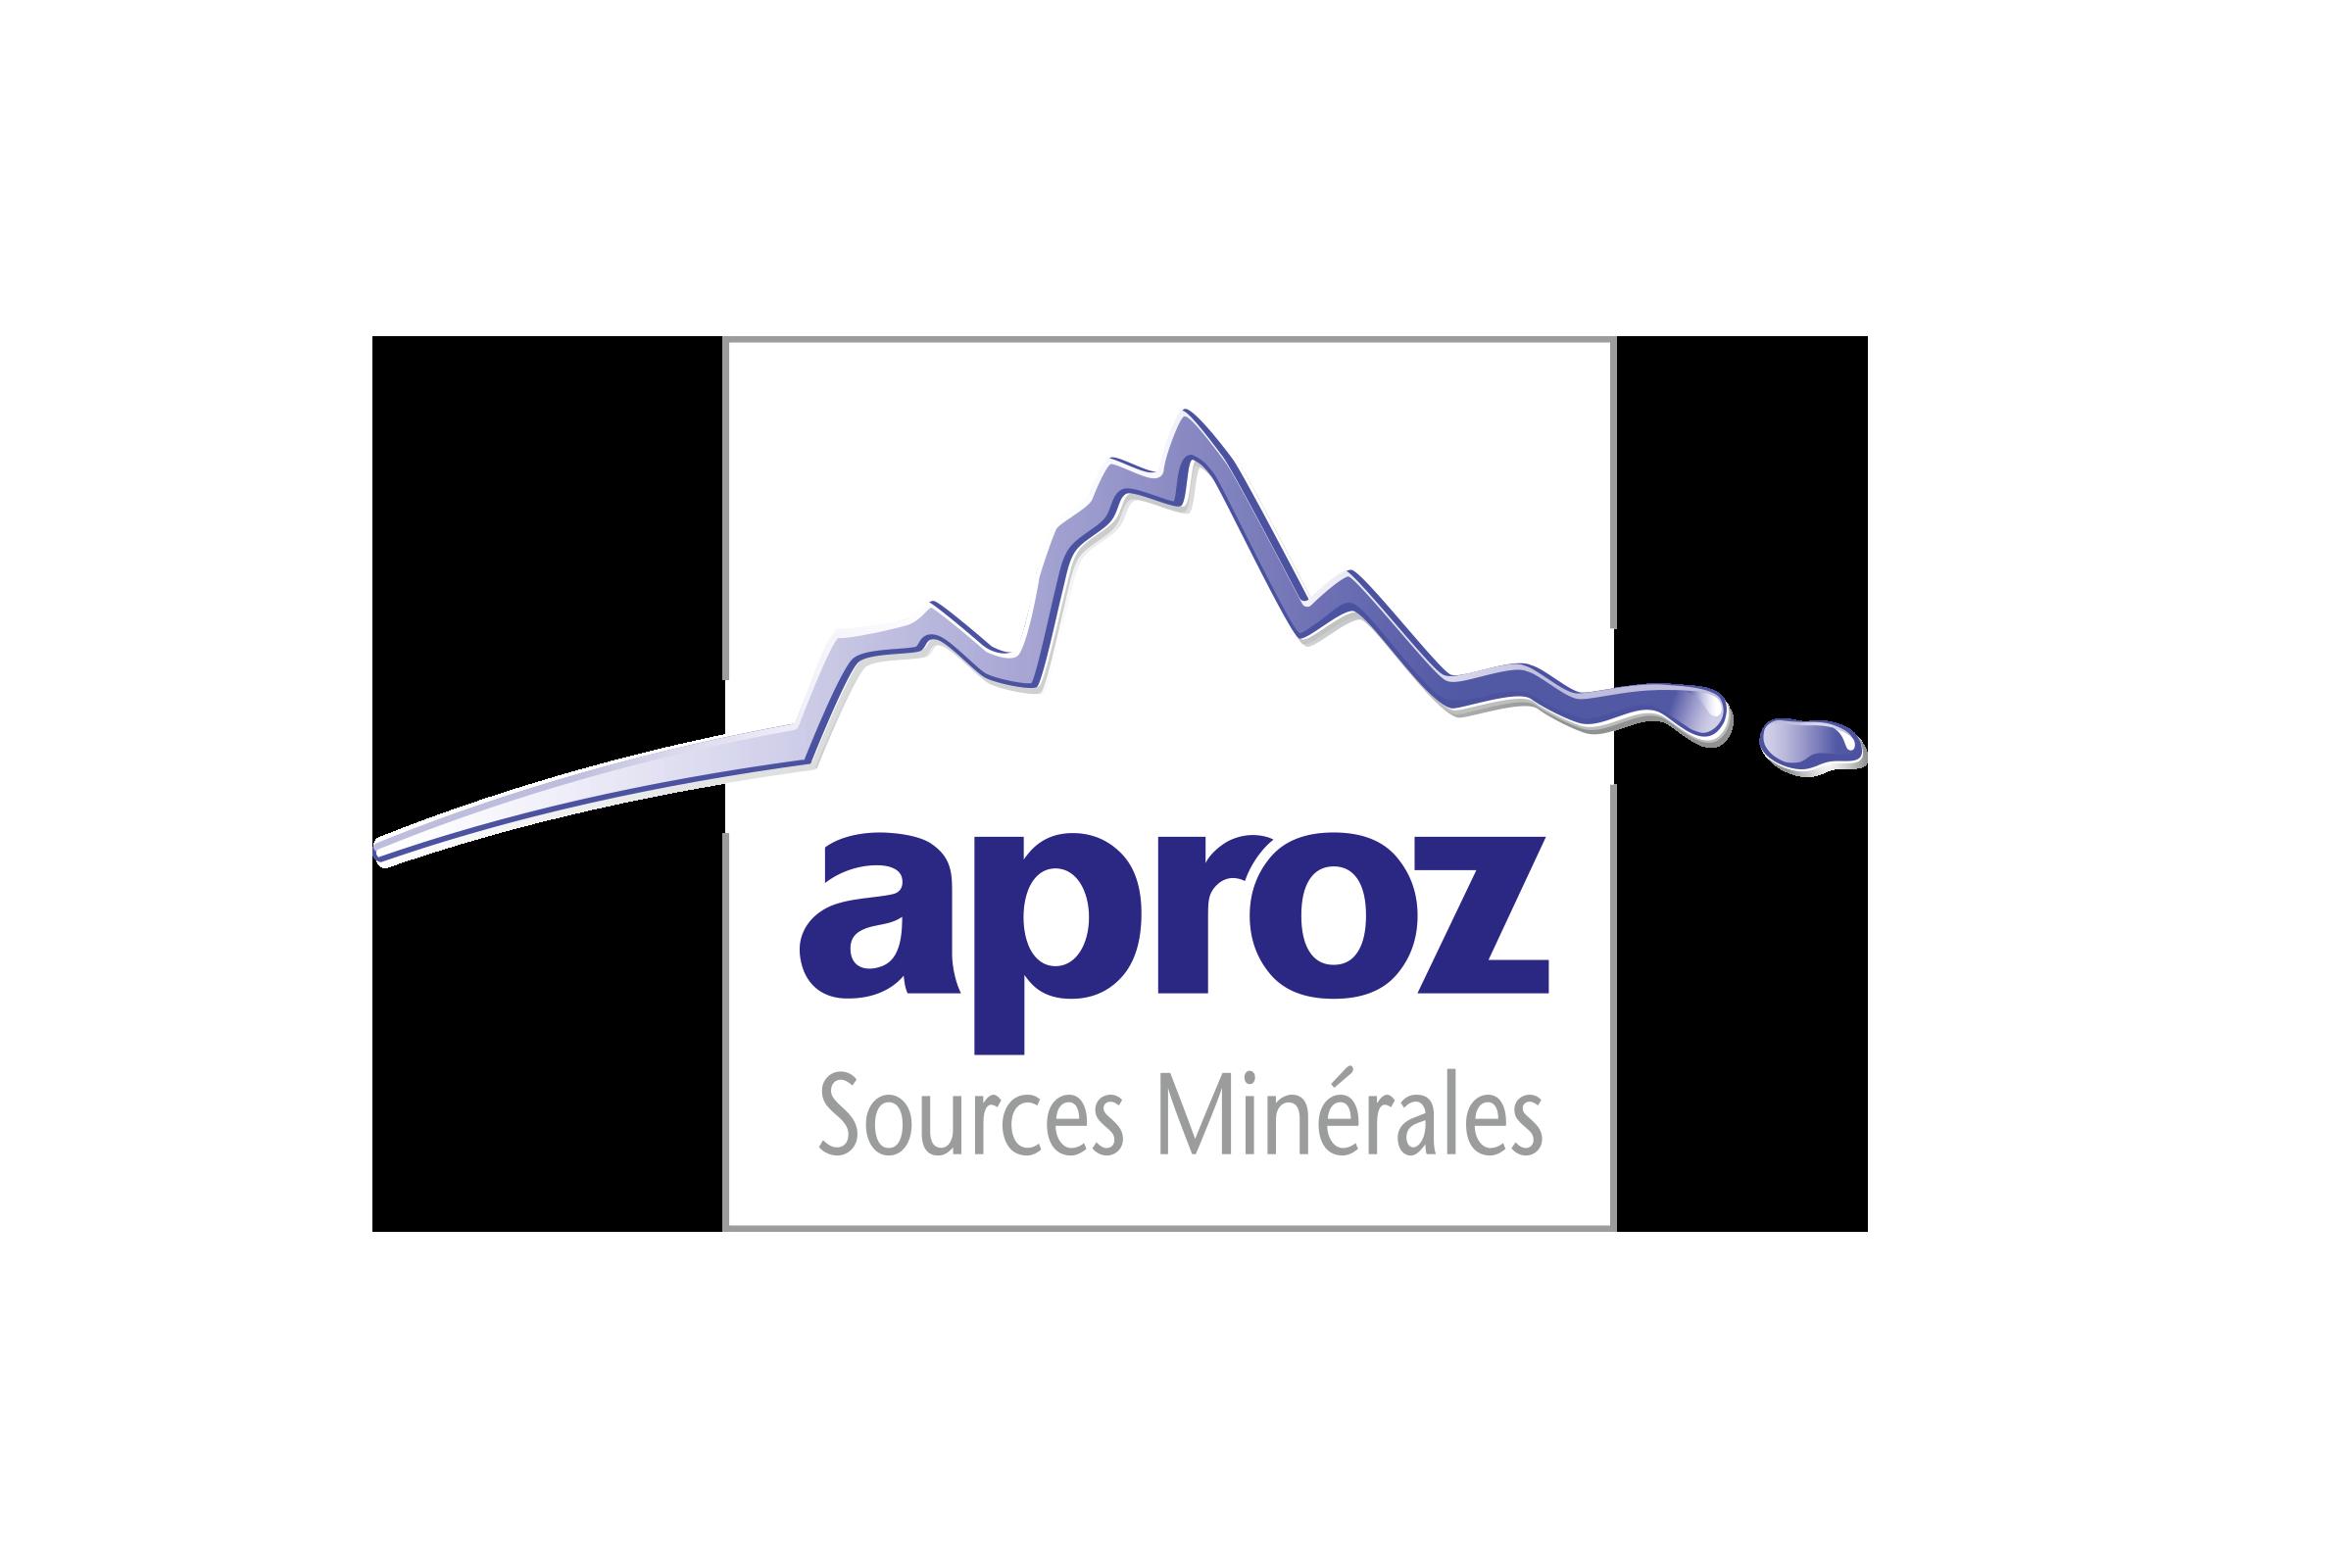 aproz_sources_minerales